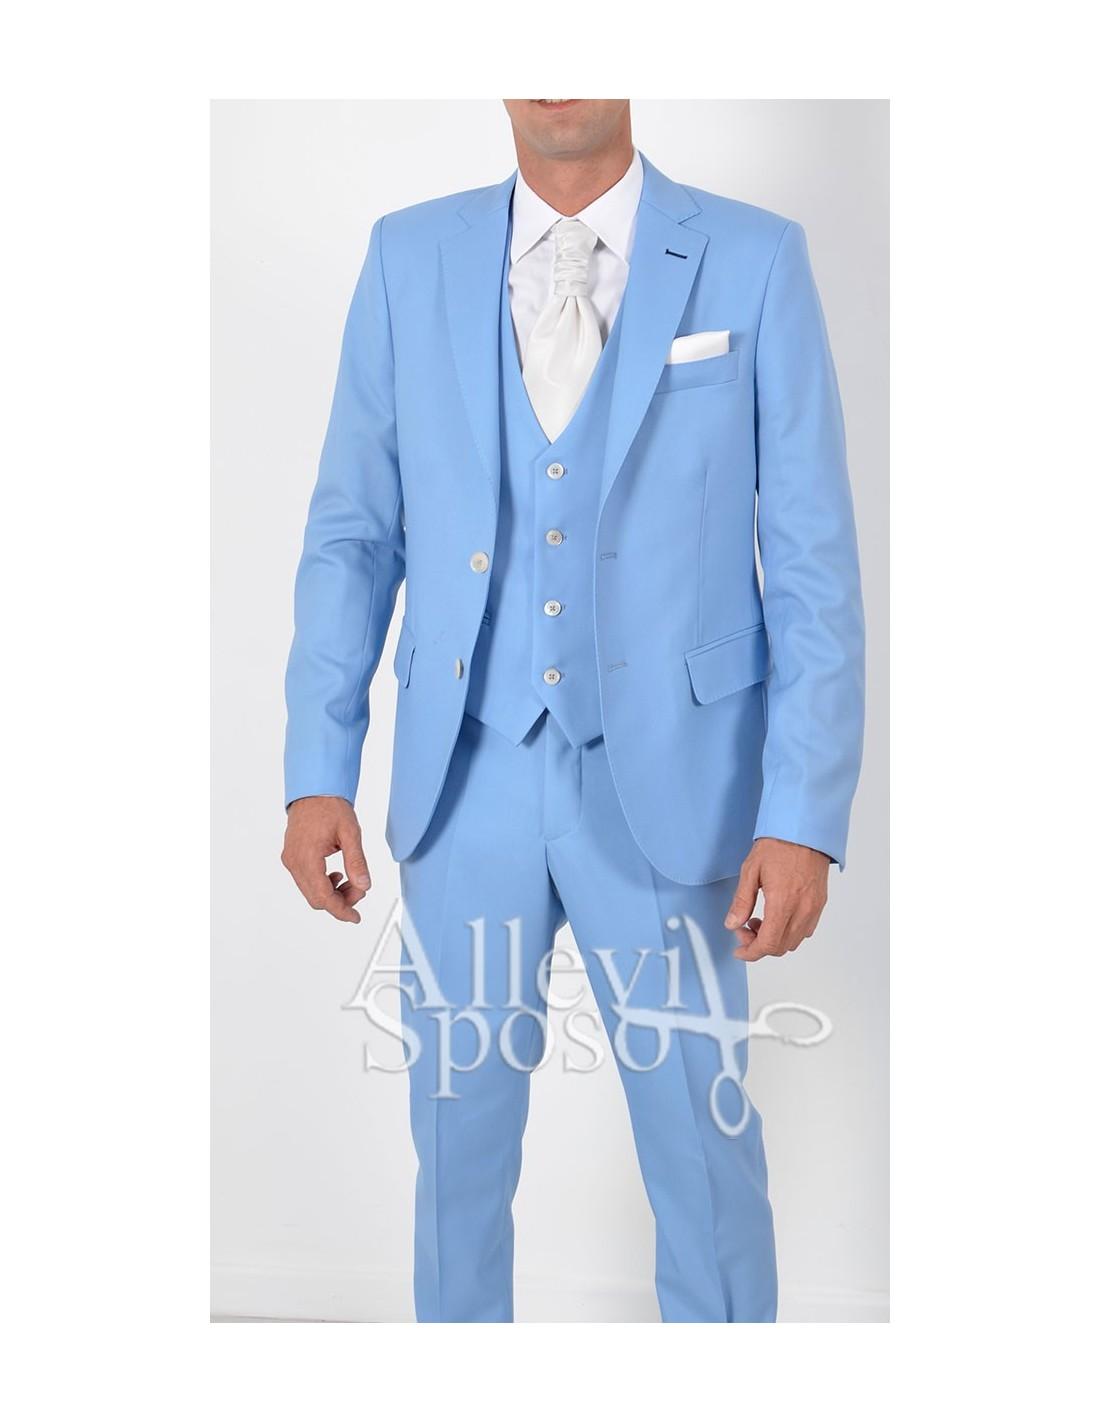 Vestito Matrimonio Uomo Azzurro : Abito azzurro sposo vestito cerimonia azzurro chiaro